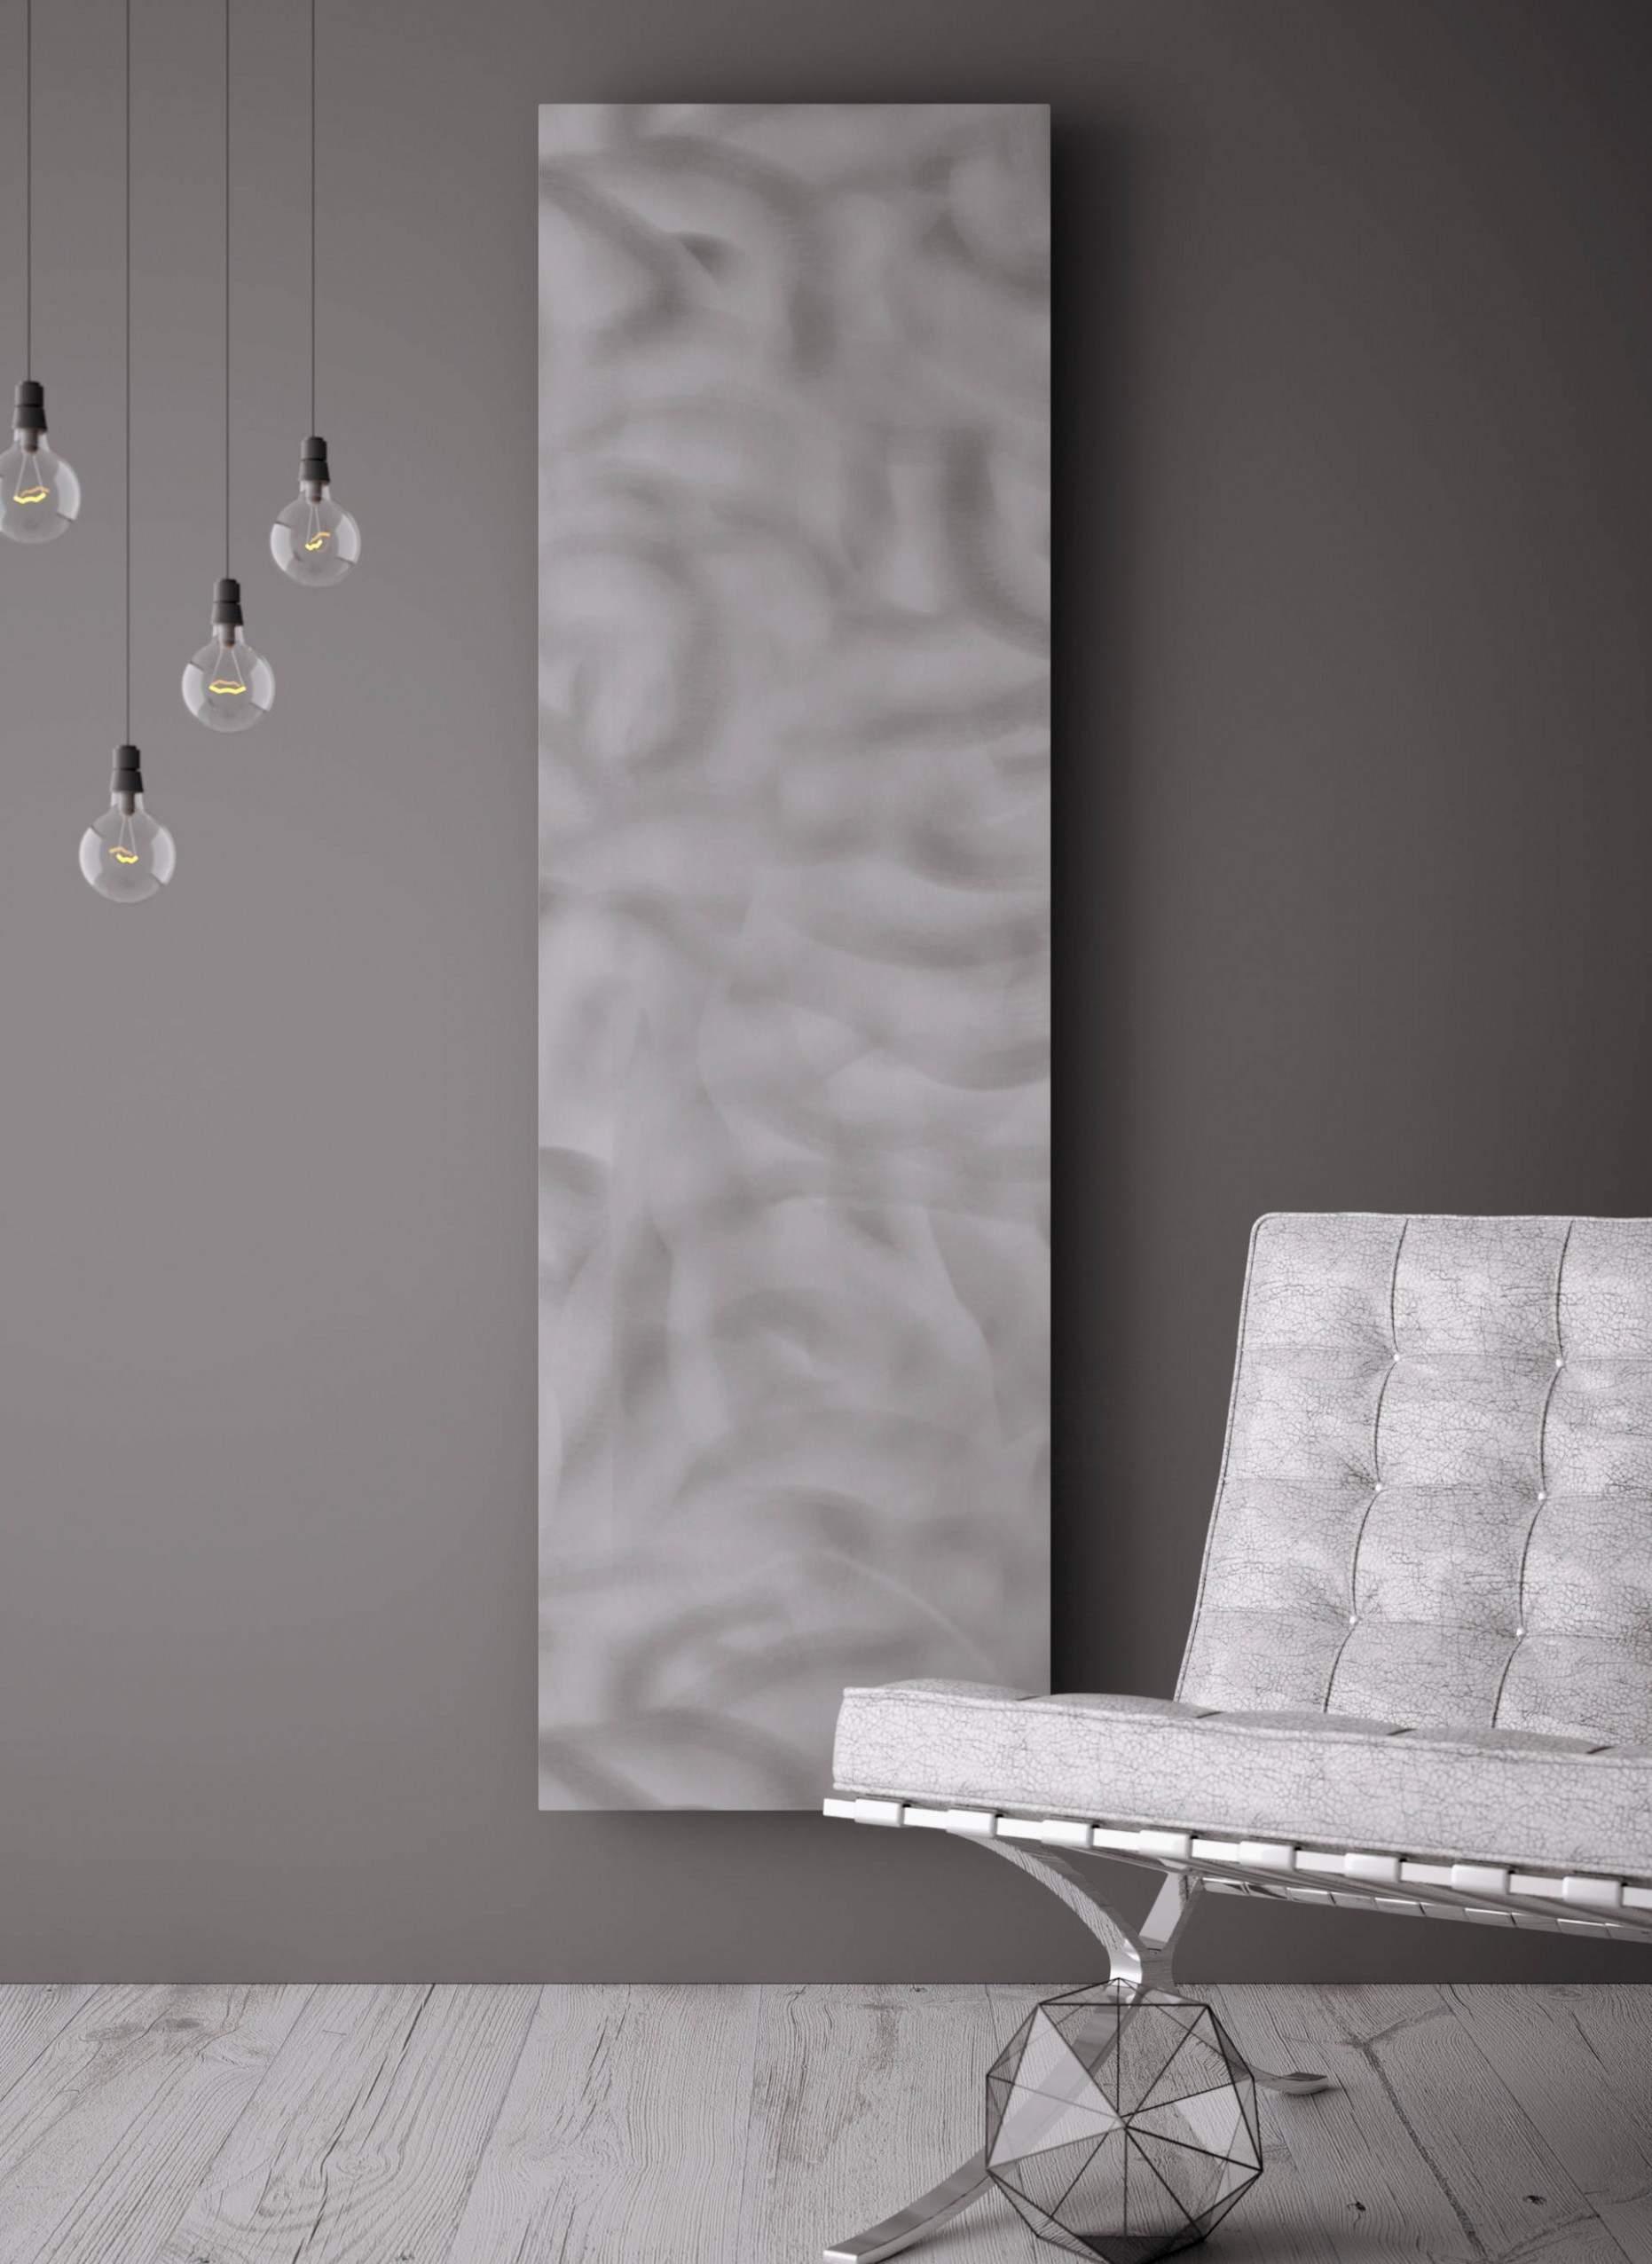 Full Size of Moderne Heizkörper Wohnzimmer Heizkrper Flach Schn Elegant Wandbild Anbauwand Teppich Wandtattoo Deckenlampen Sofa Kleines Landhausstil Für Teppiche Bad Wohnzimmer Moderne Heizkörper Wohnzimmer